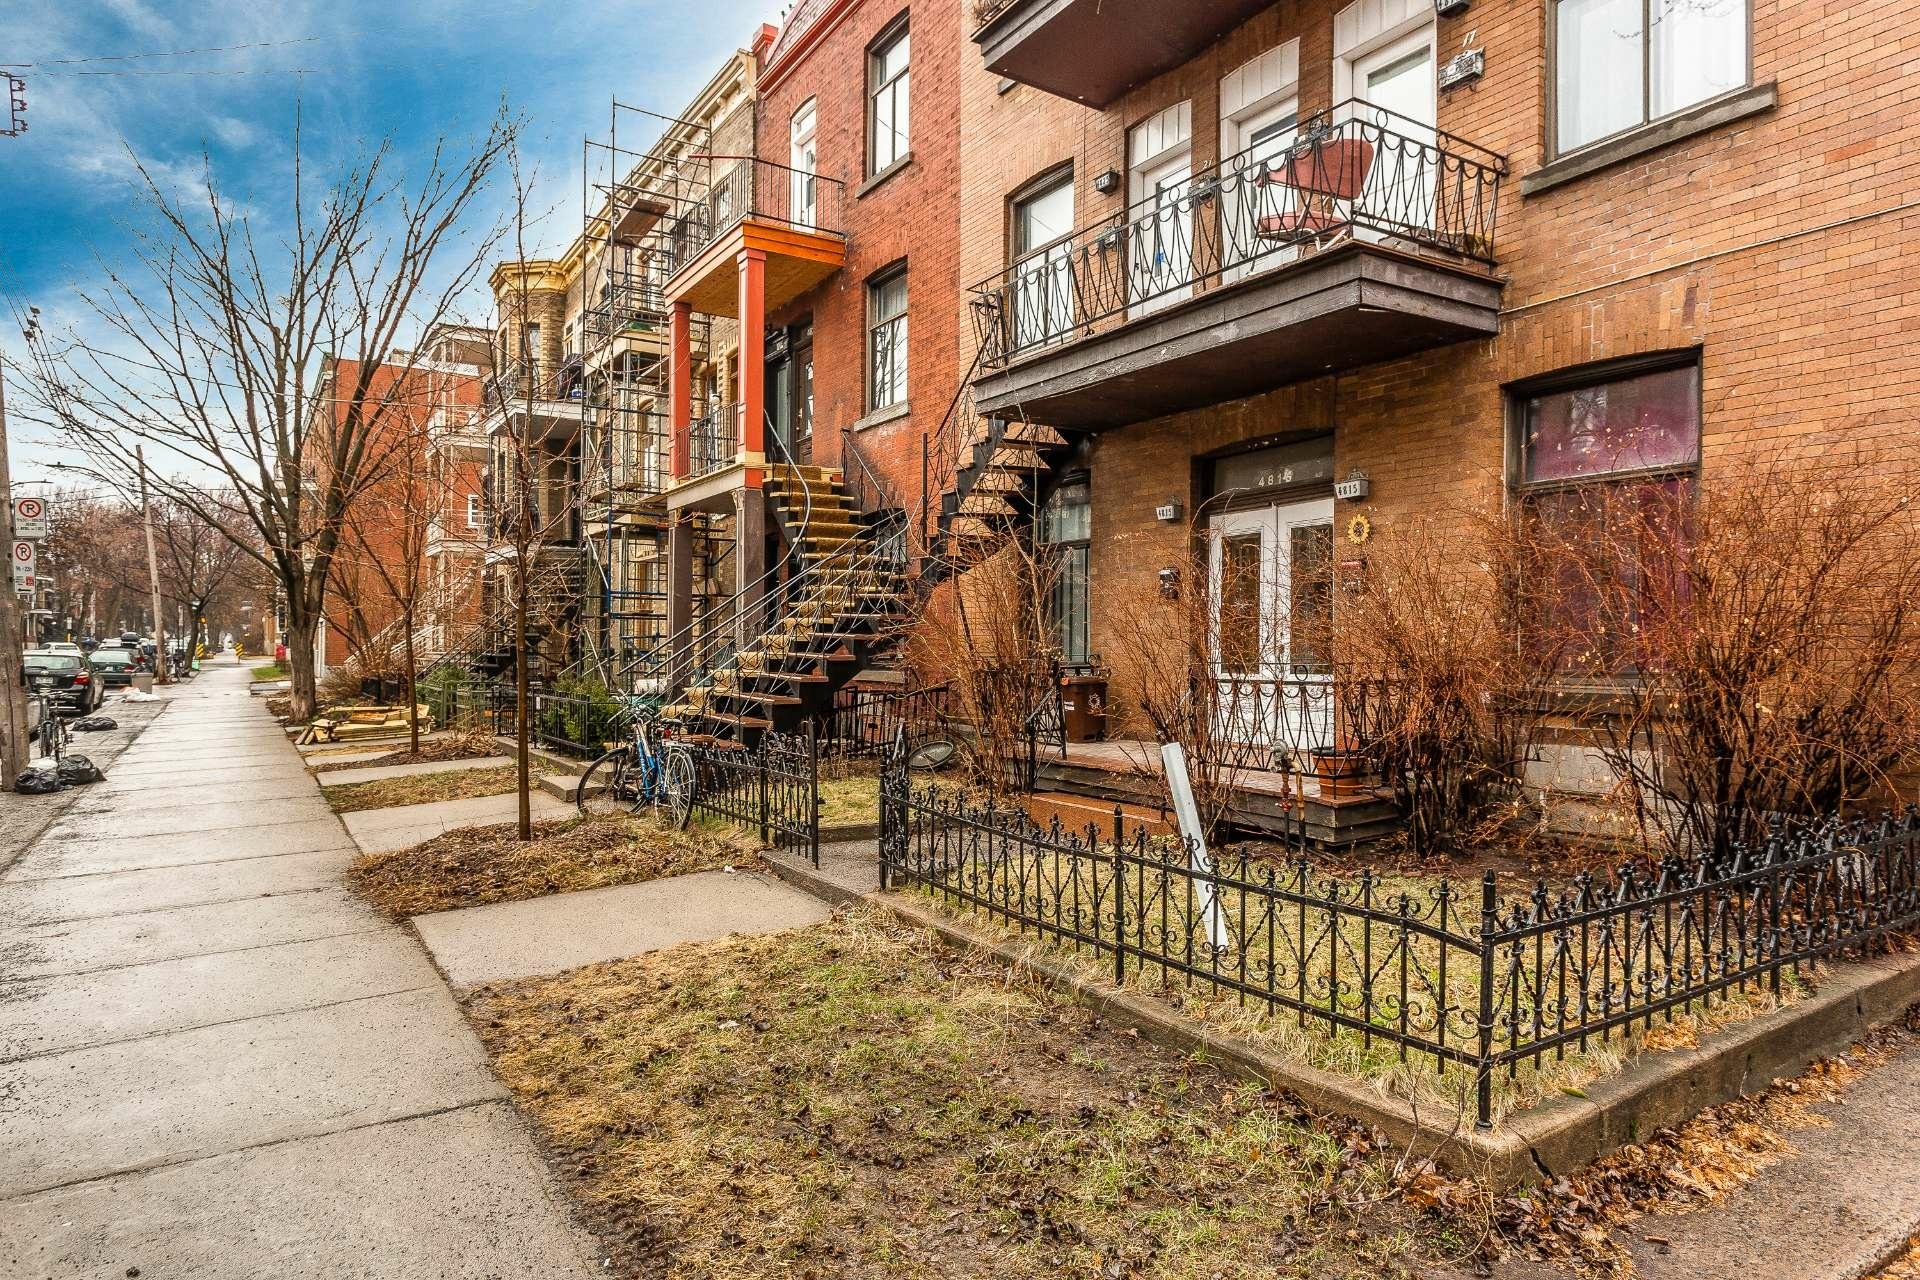 image 34 - Immeuble à revenus À vendre Montréal Le Plateau-Mont-Royal  - 5 pièces